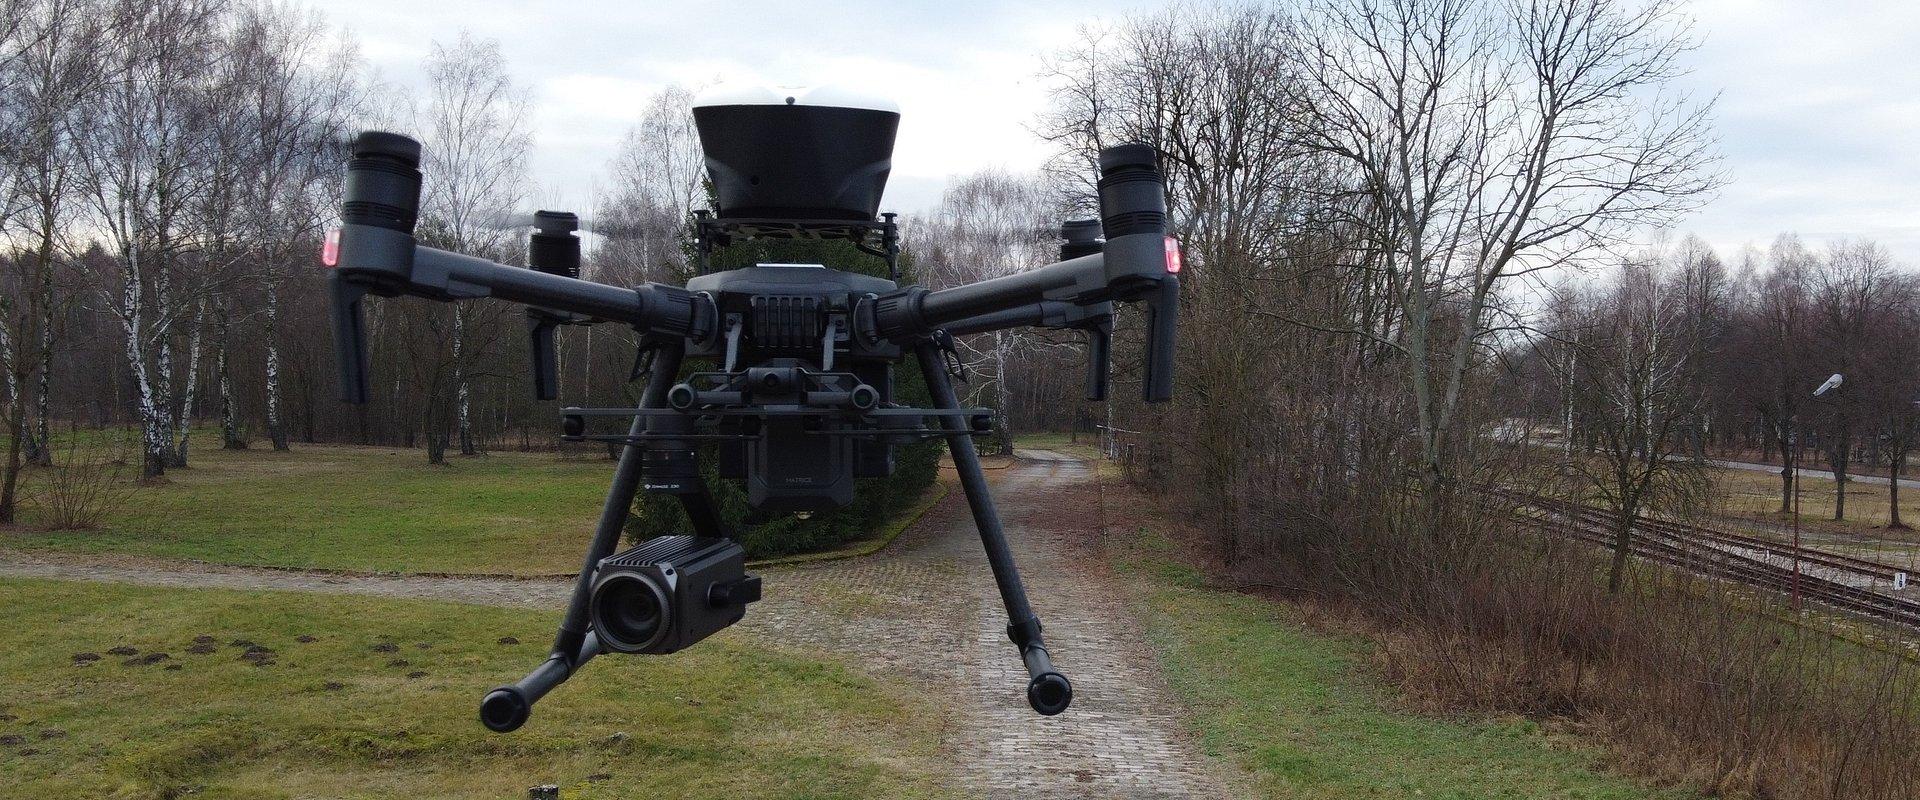 Drony pomogą PERN w monitoringu sieci